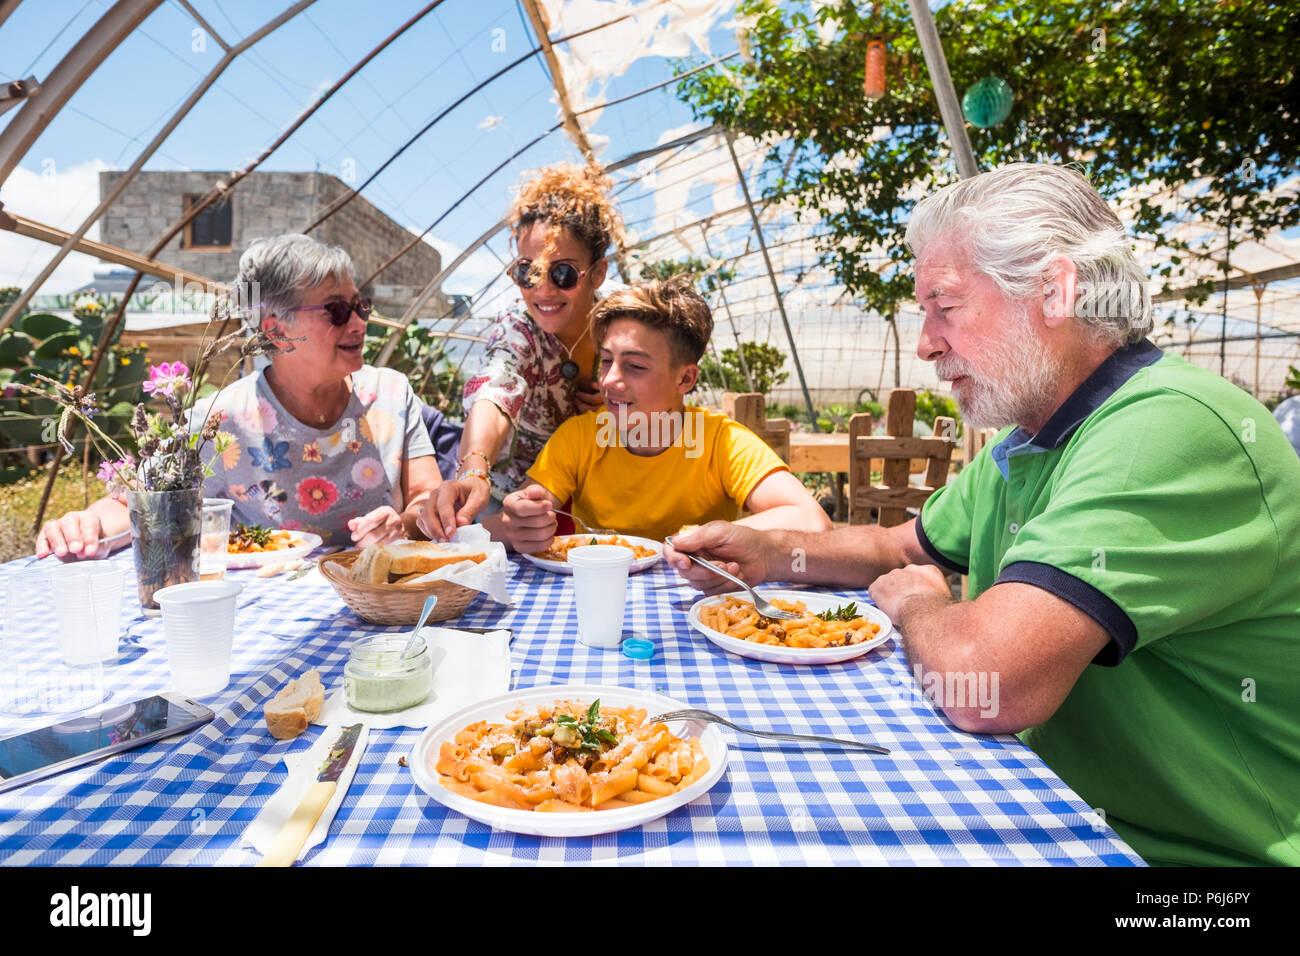 Belle activité de loisirs en plein air restaurant bio naturel pour nice belle famille caucasienne avec toutes les générations de jeunes aux vieux. la mère, le fils, grand Photo Stock